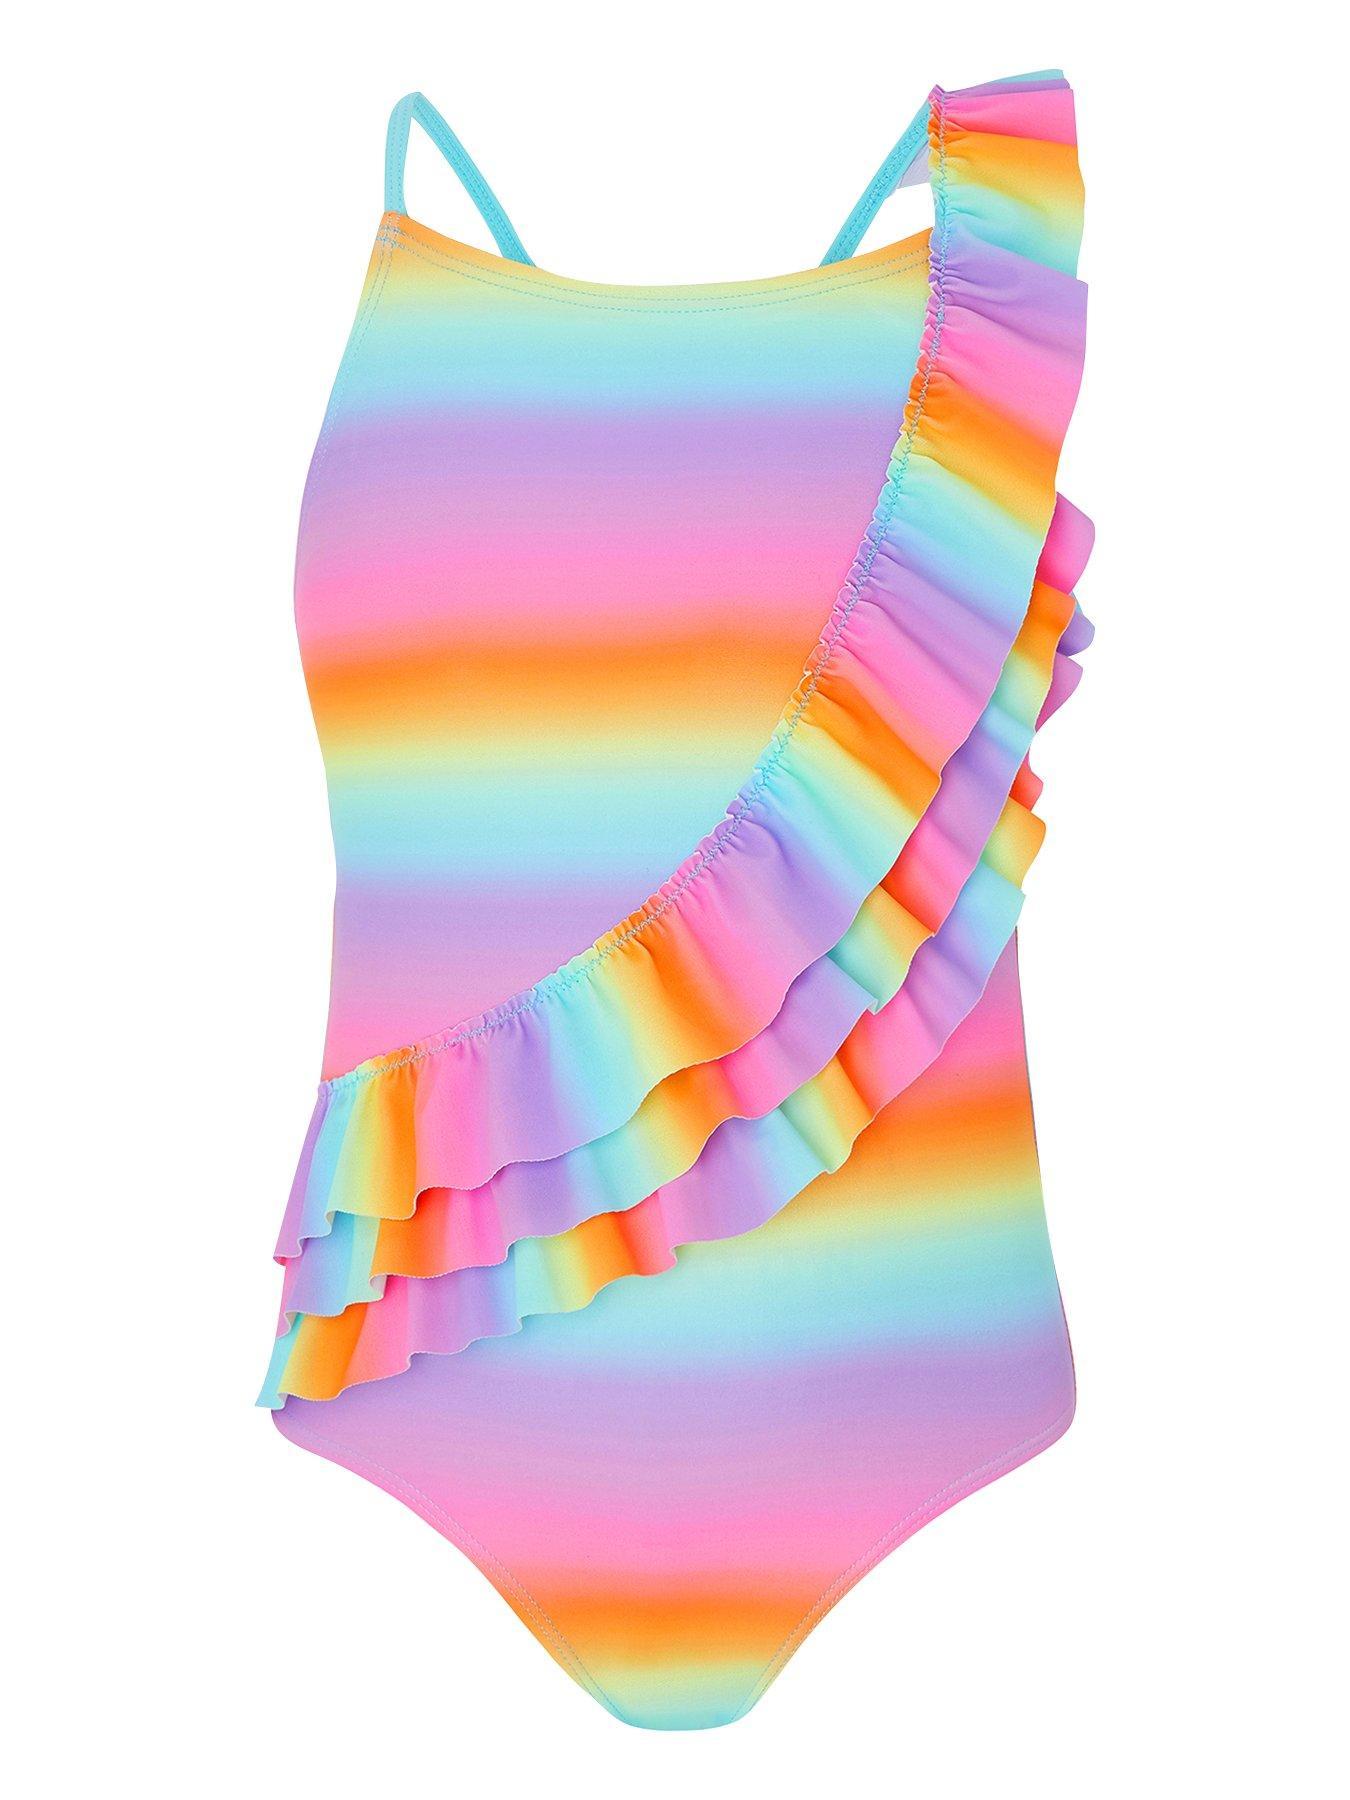 accessorize swimwear